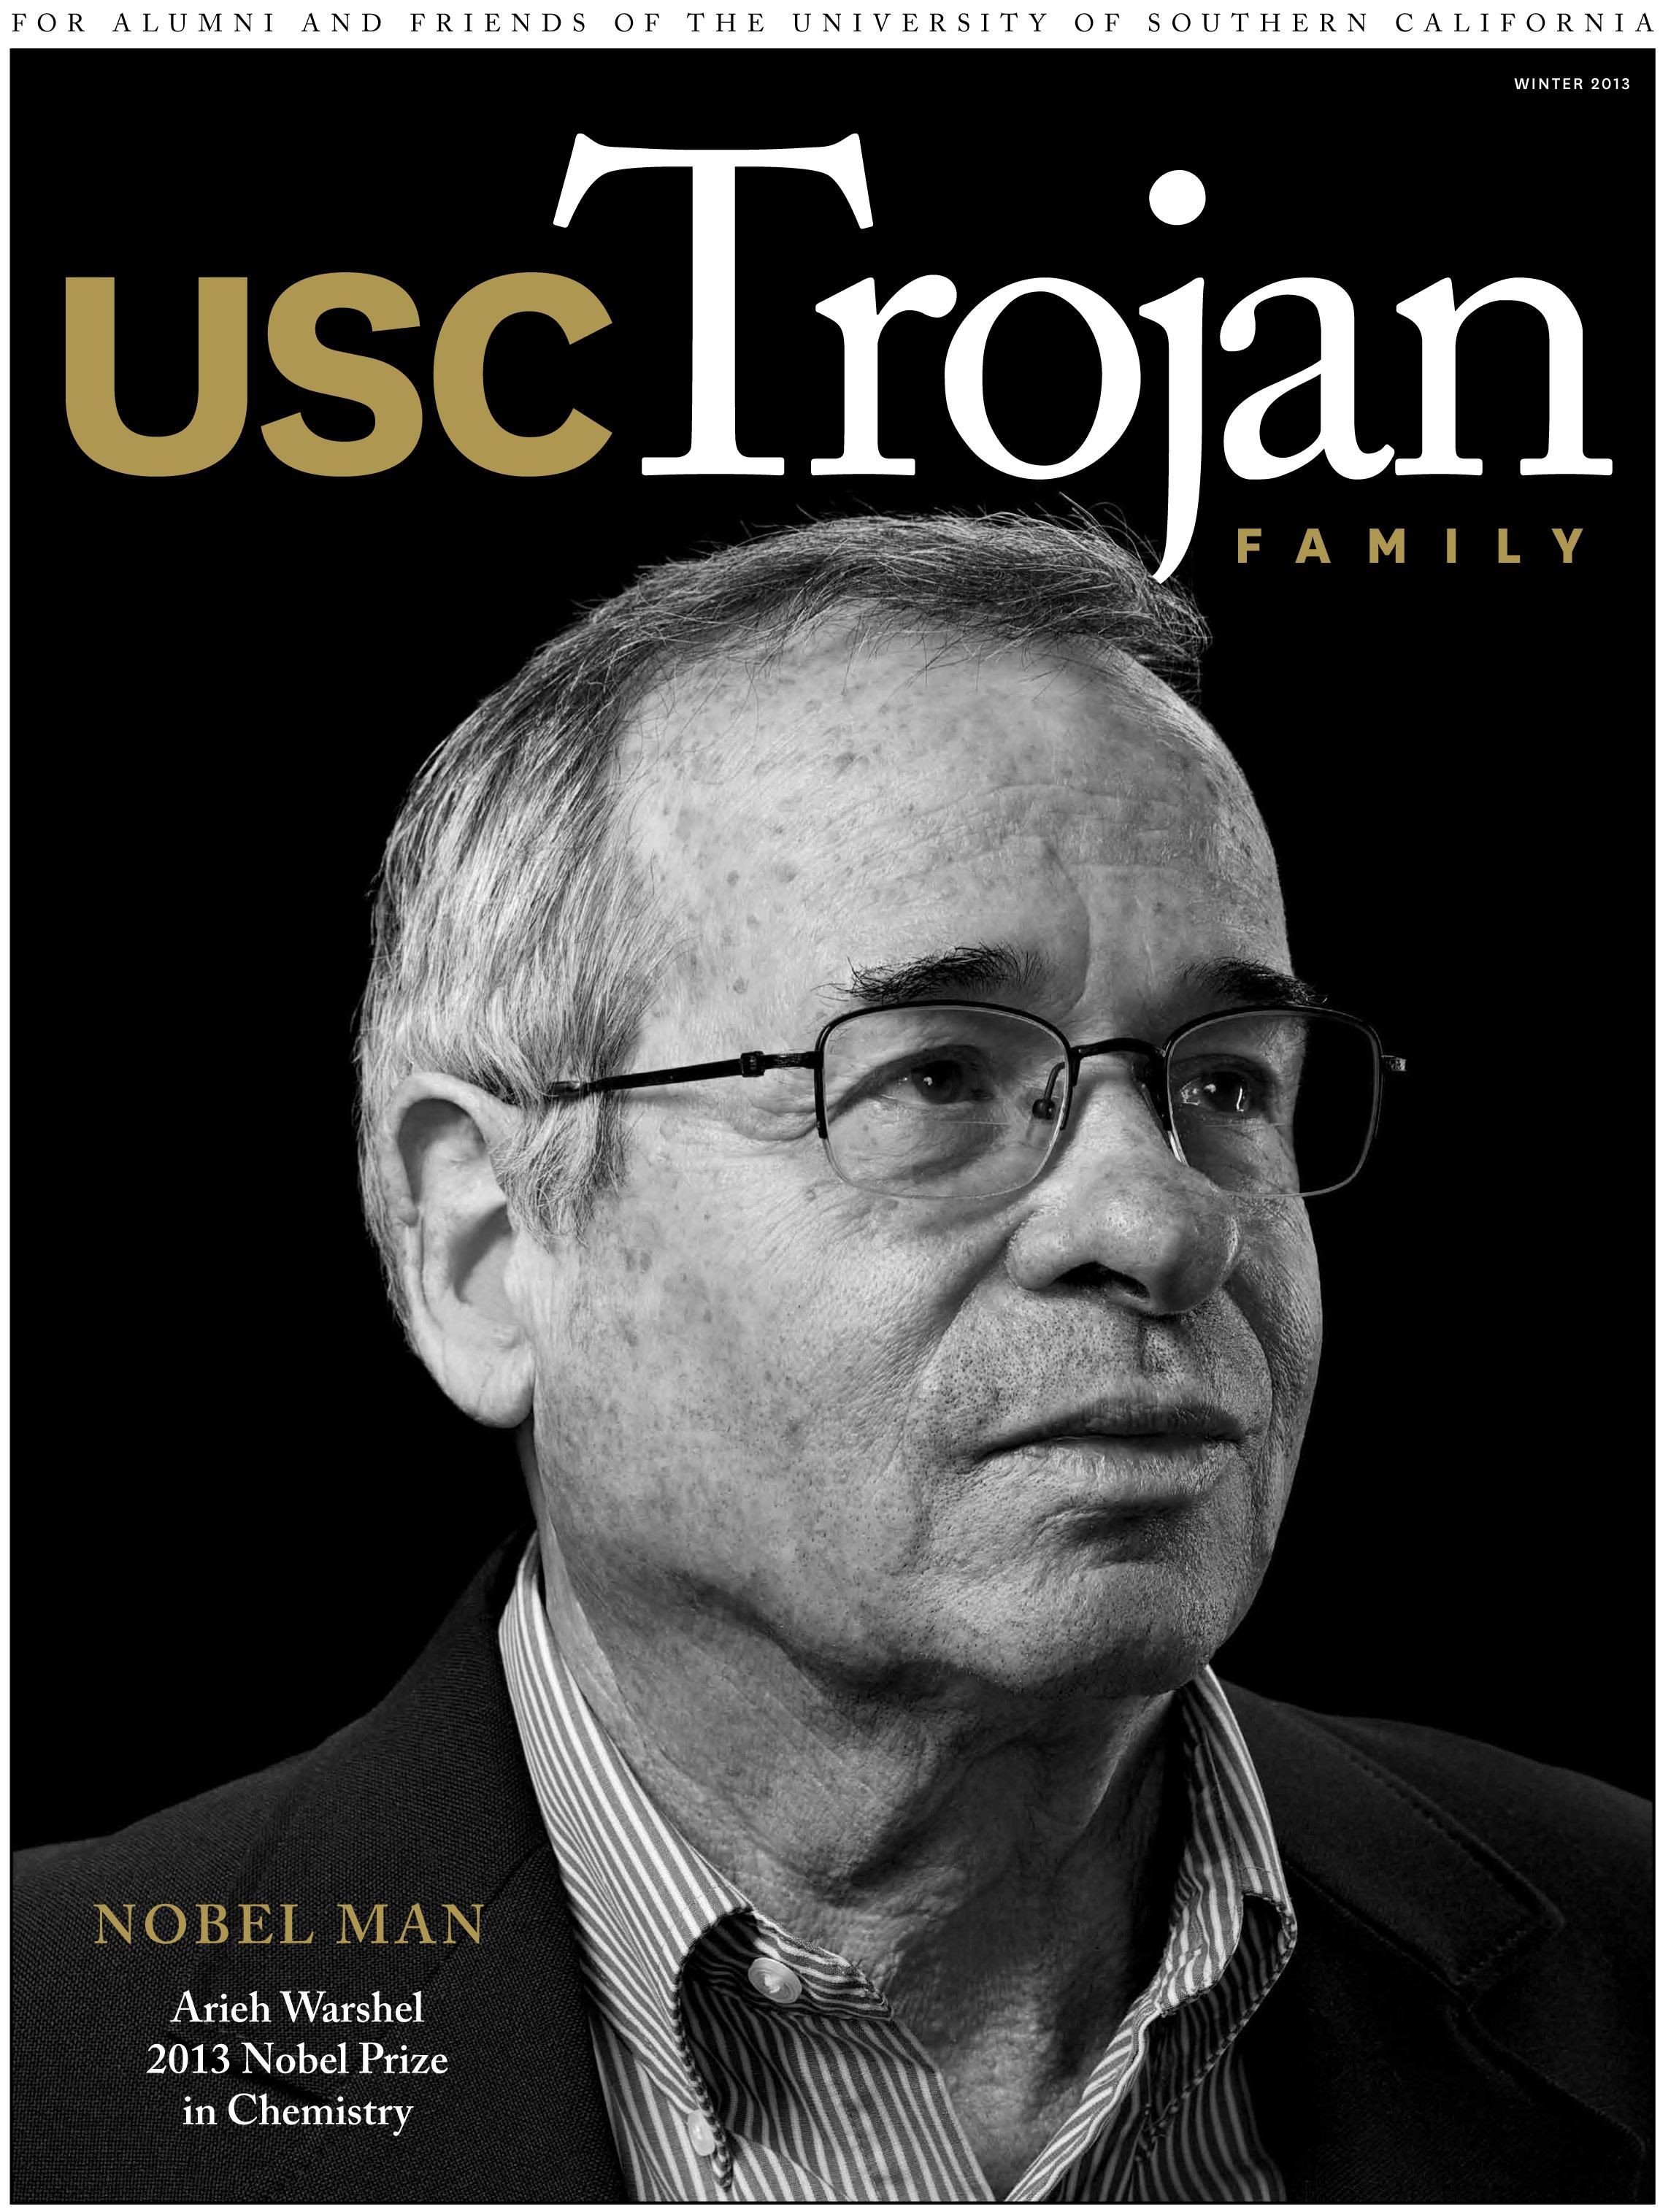 Winter 2013 Trojan Family Magazine cover